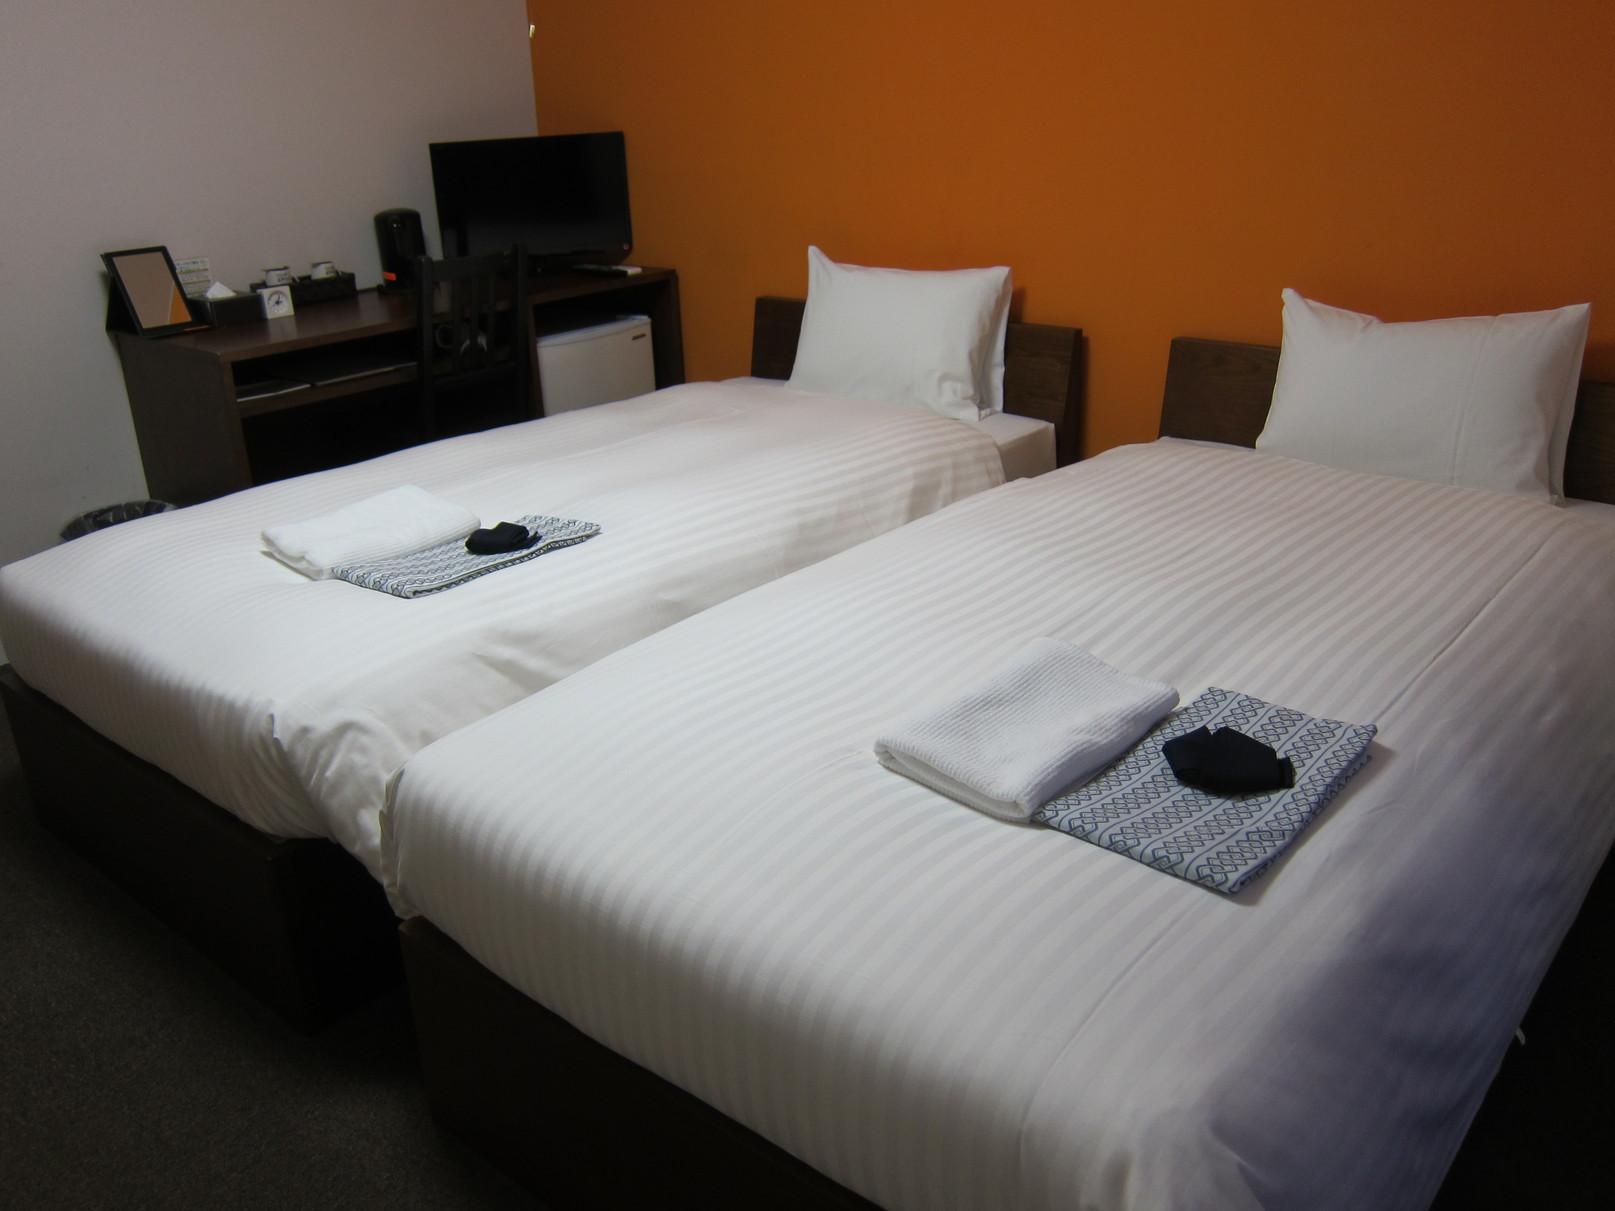 【客室】ツインルーム/同じ部屋タイプでもいろんなデザインで面白い♪